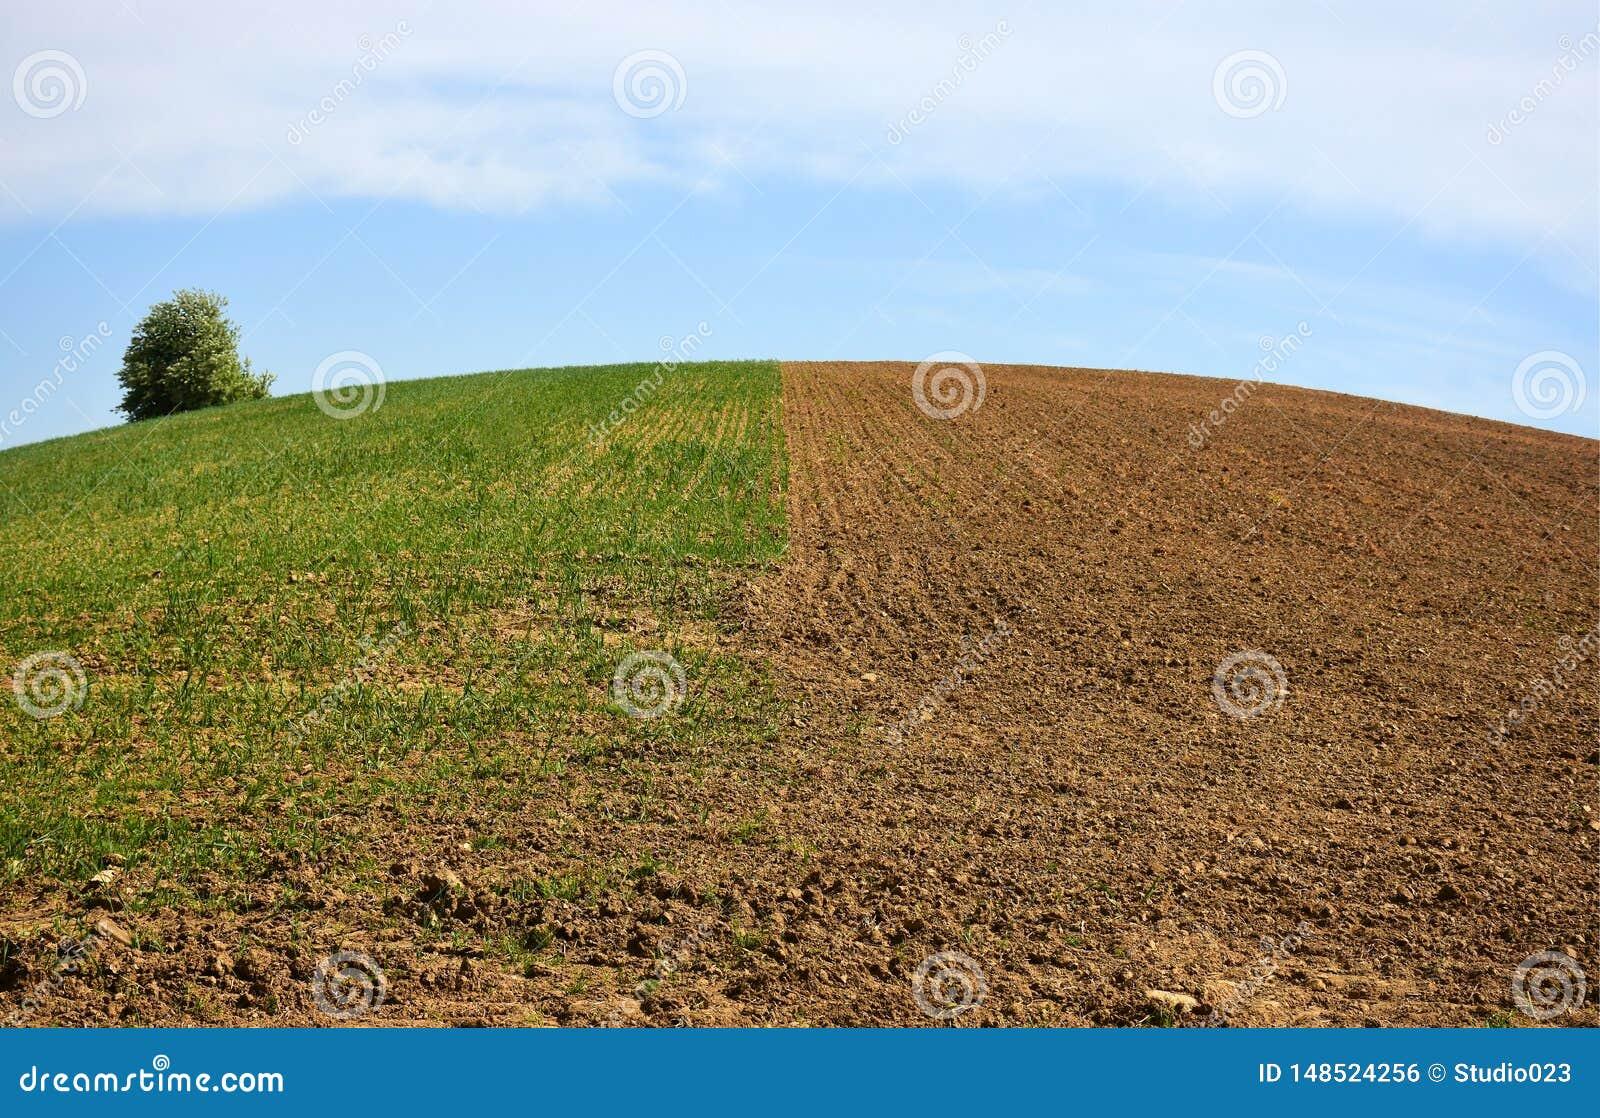 Hälfte das Feld gesät mit Korn und Hälfte bereit zum Korn